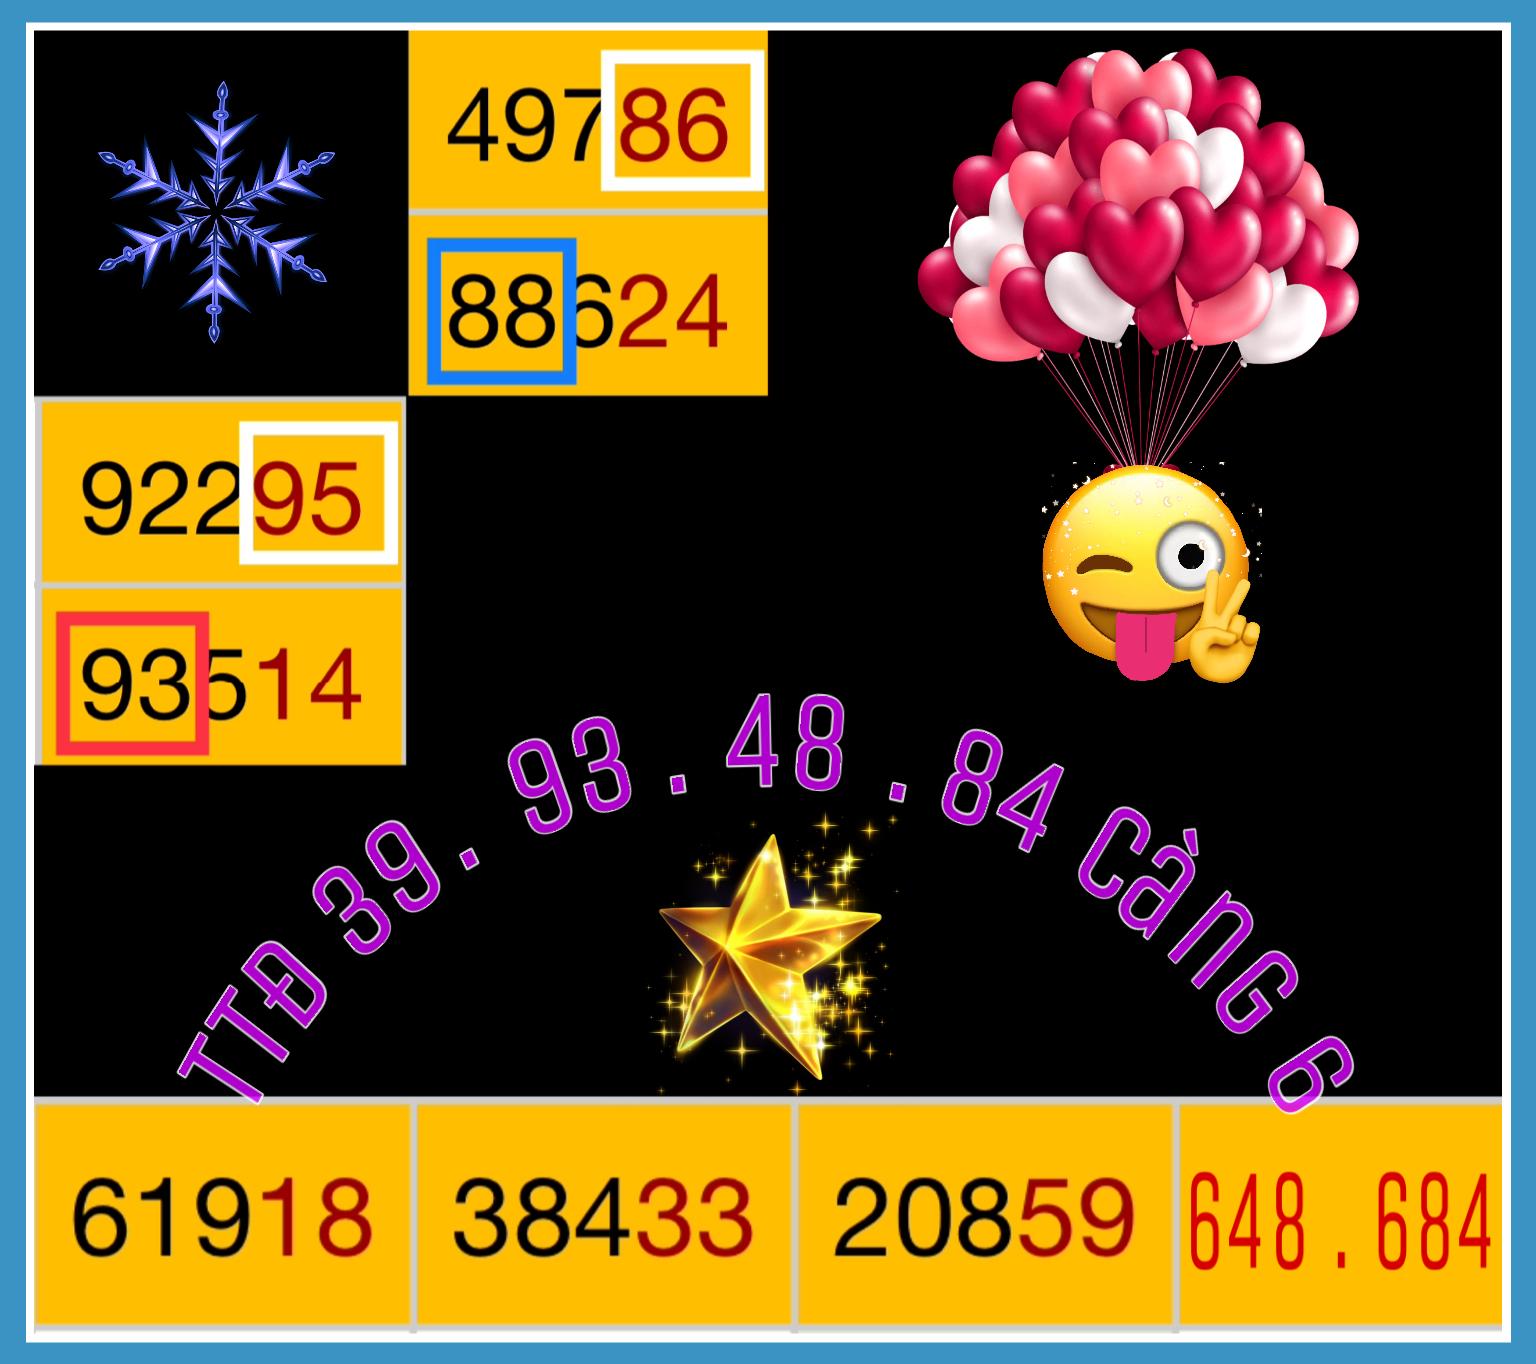 A63ED5E5-4BC5-4860-84F5-081FC0EF5266.jpeg